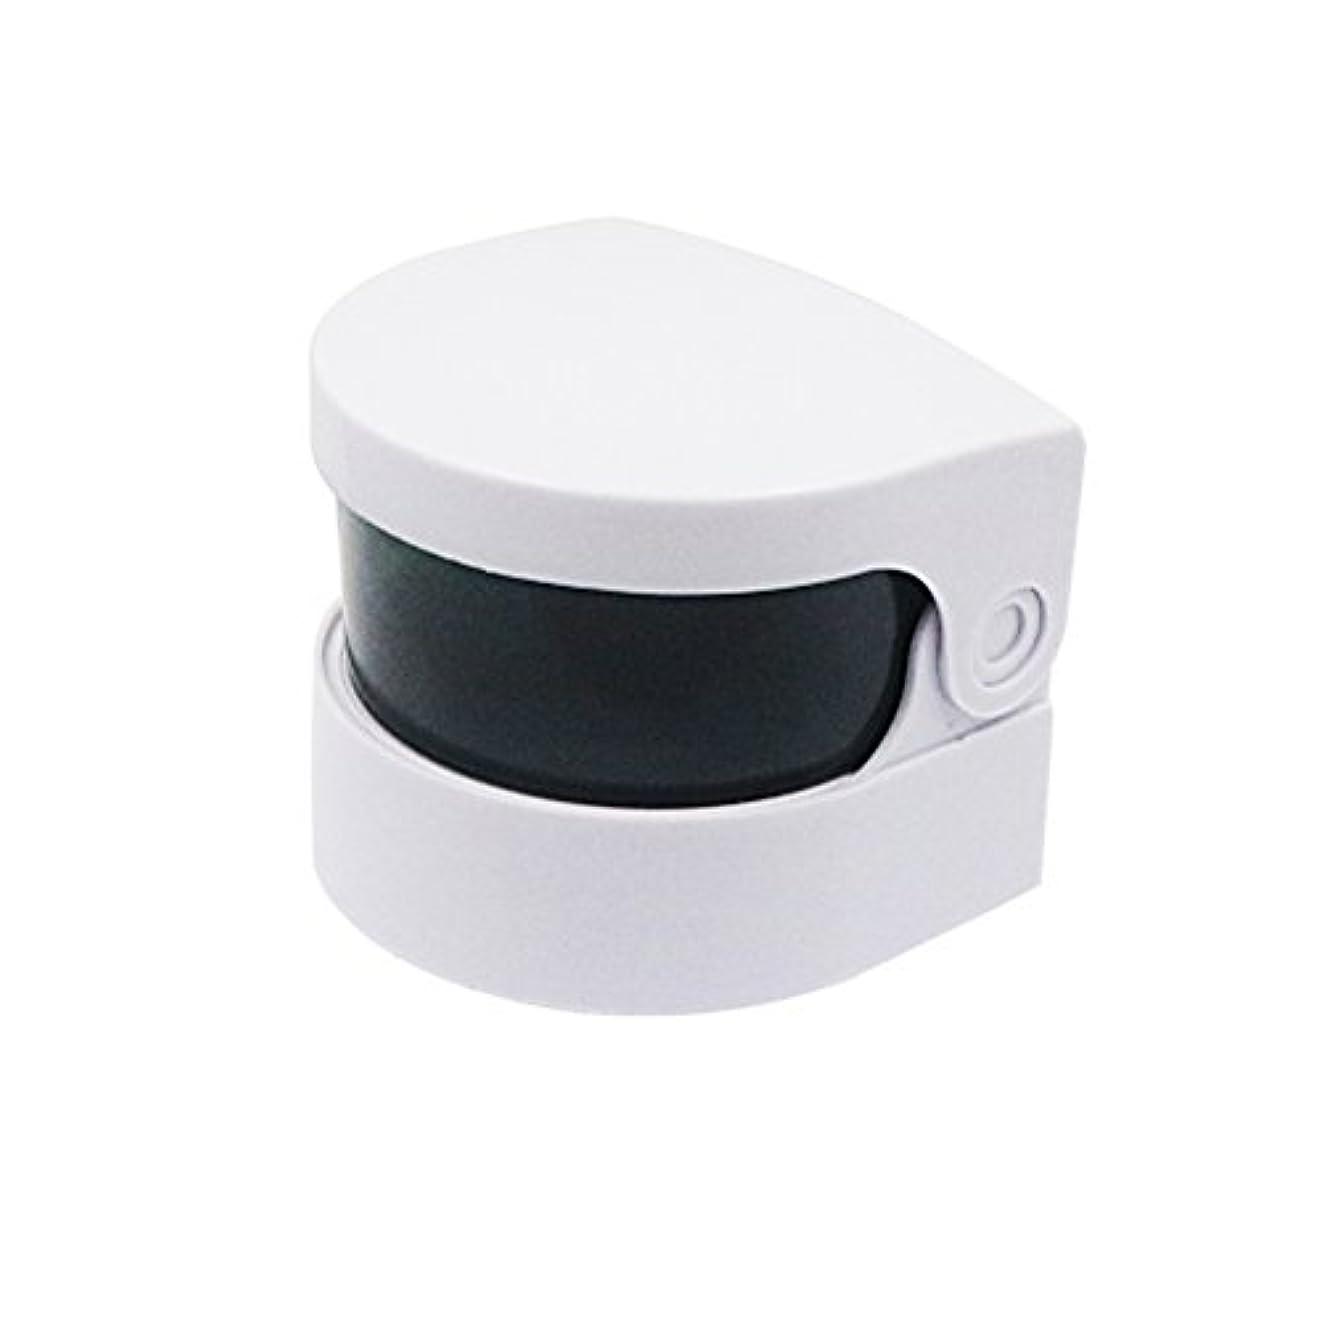 遠え抑止する入るHealifty 超音波クリーナー義歯クリーナーバスジュエリー時計用クリーニングマシンメガネコイン(ホワイト)